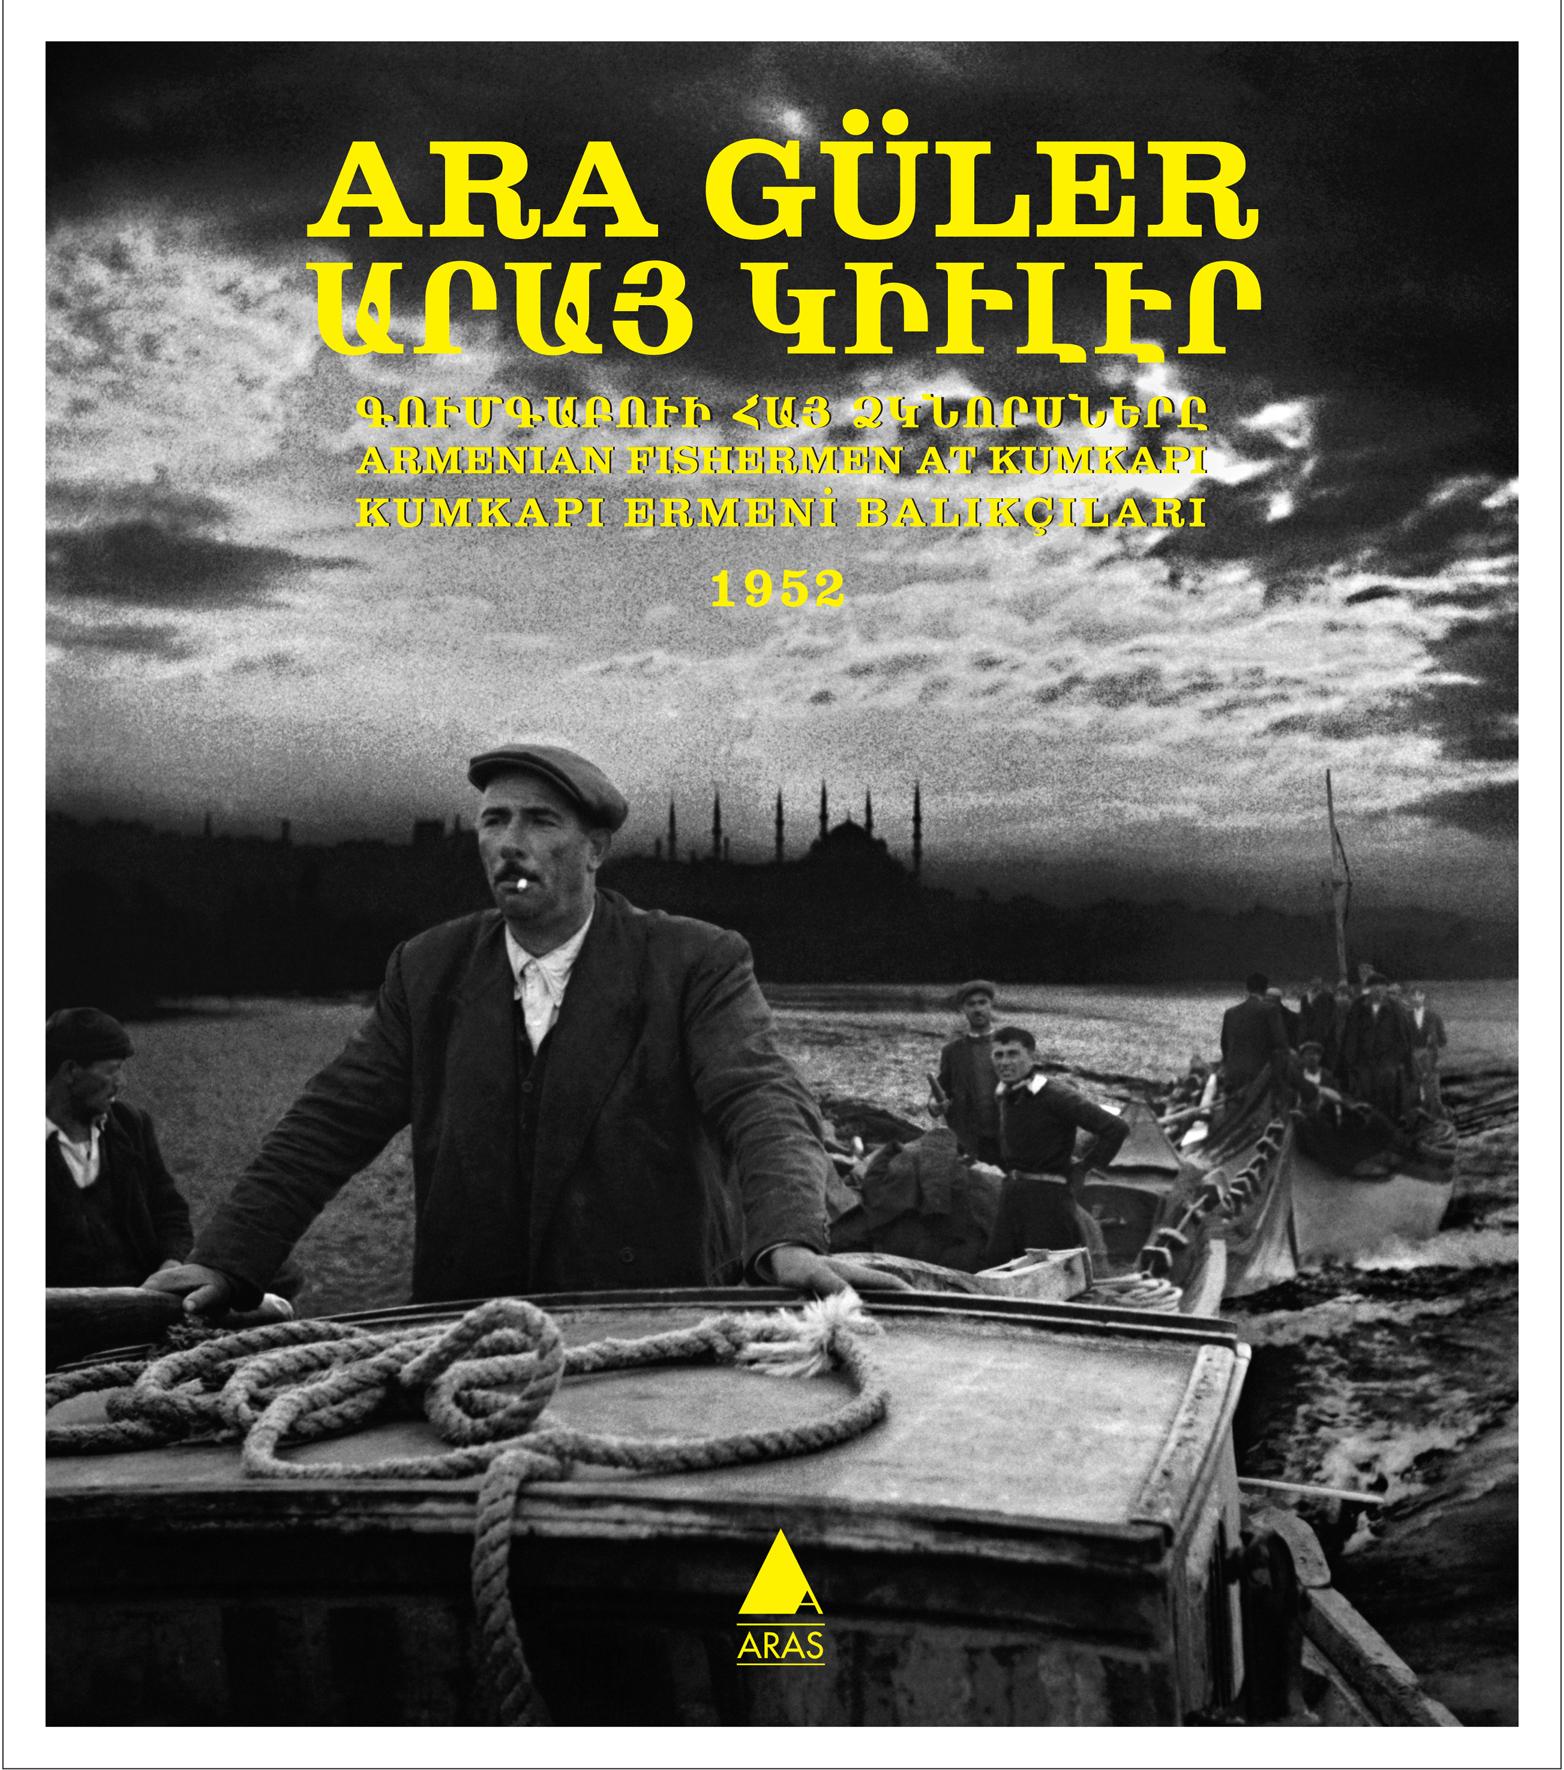 Kumkapı Ermeni Balıkçıları 1952